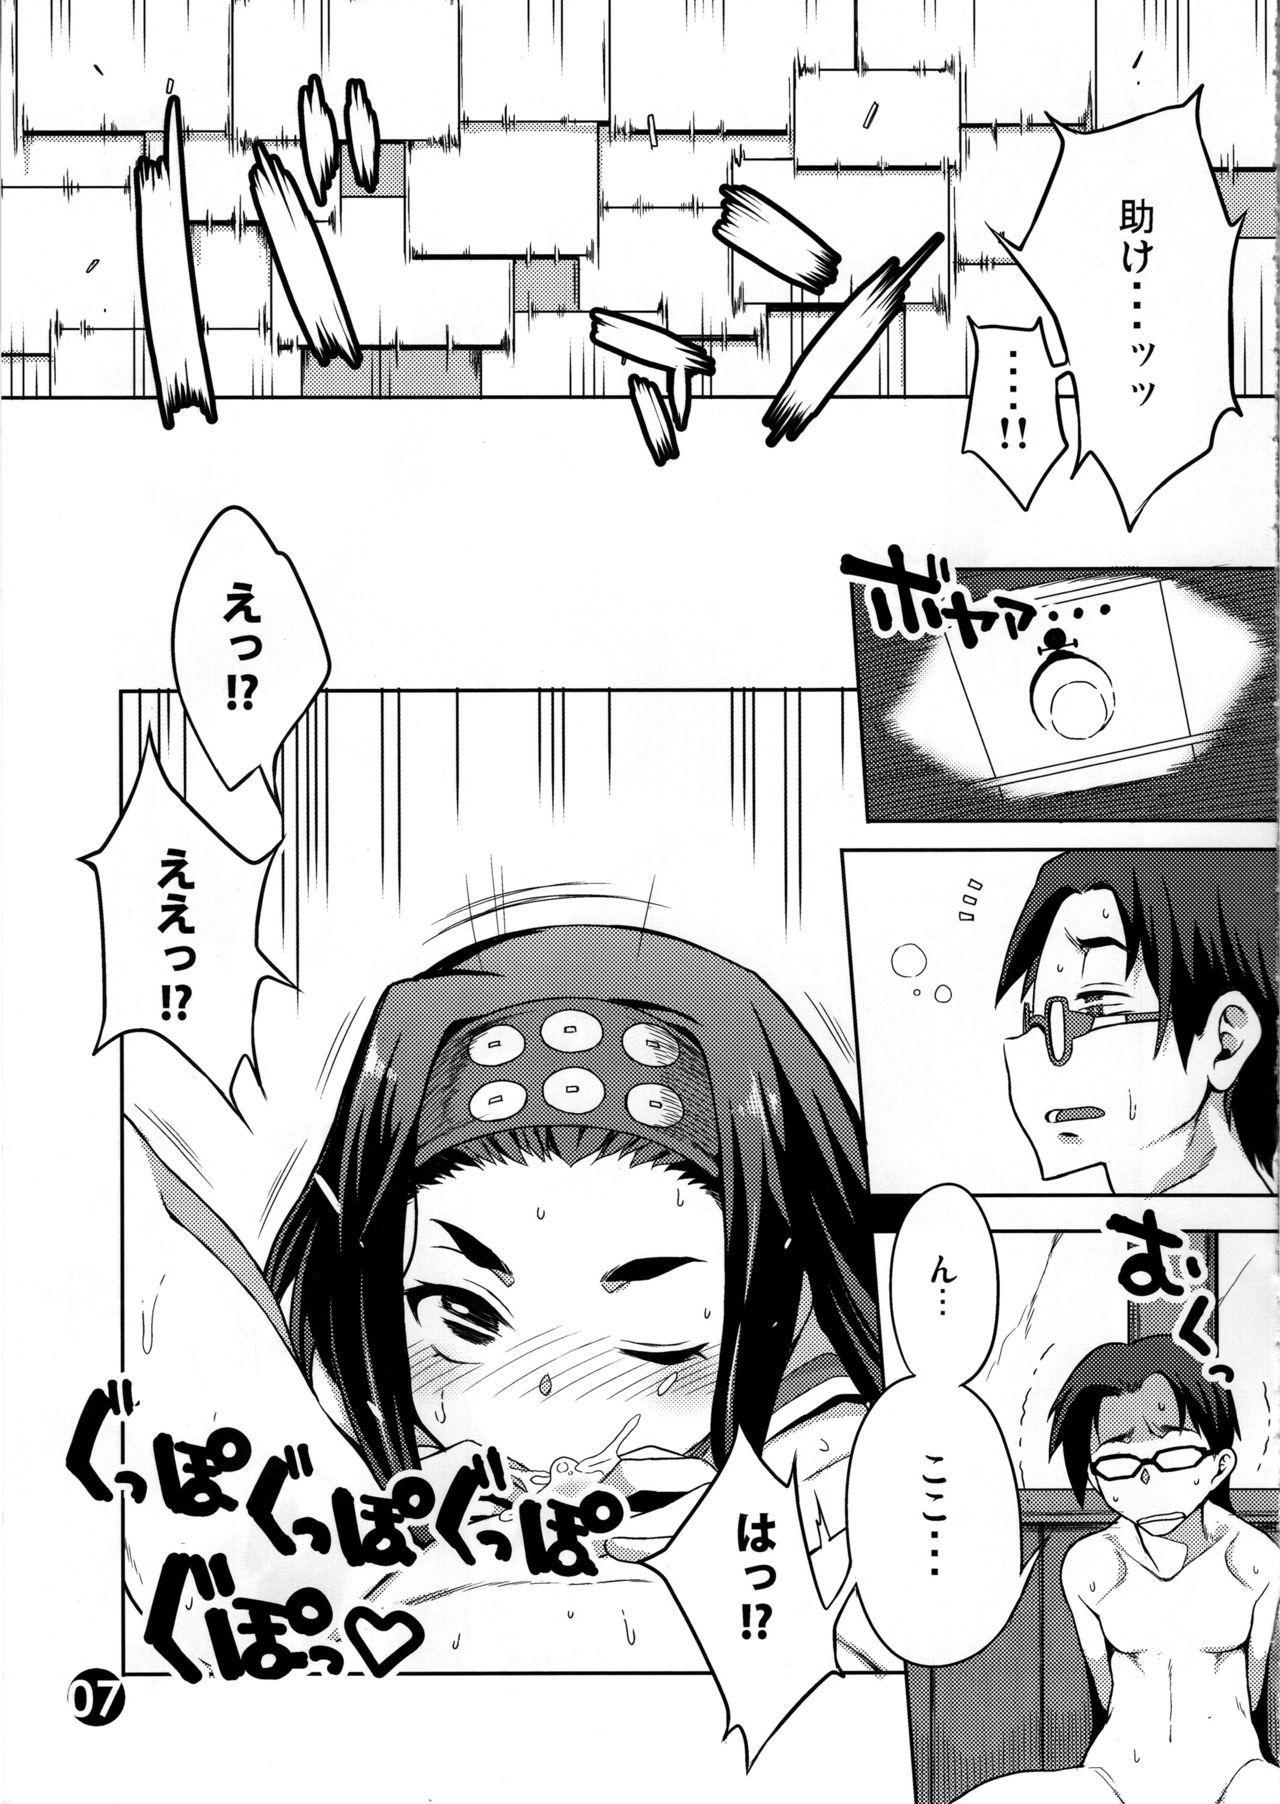 Saemonza ga DC o Tsumamigui Suru Hon 5